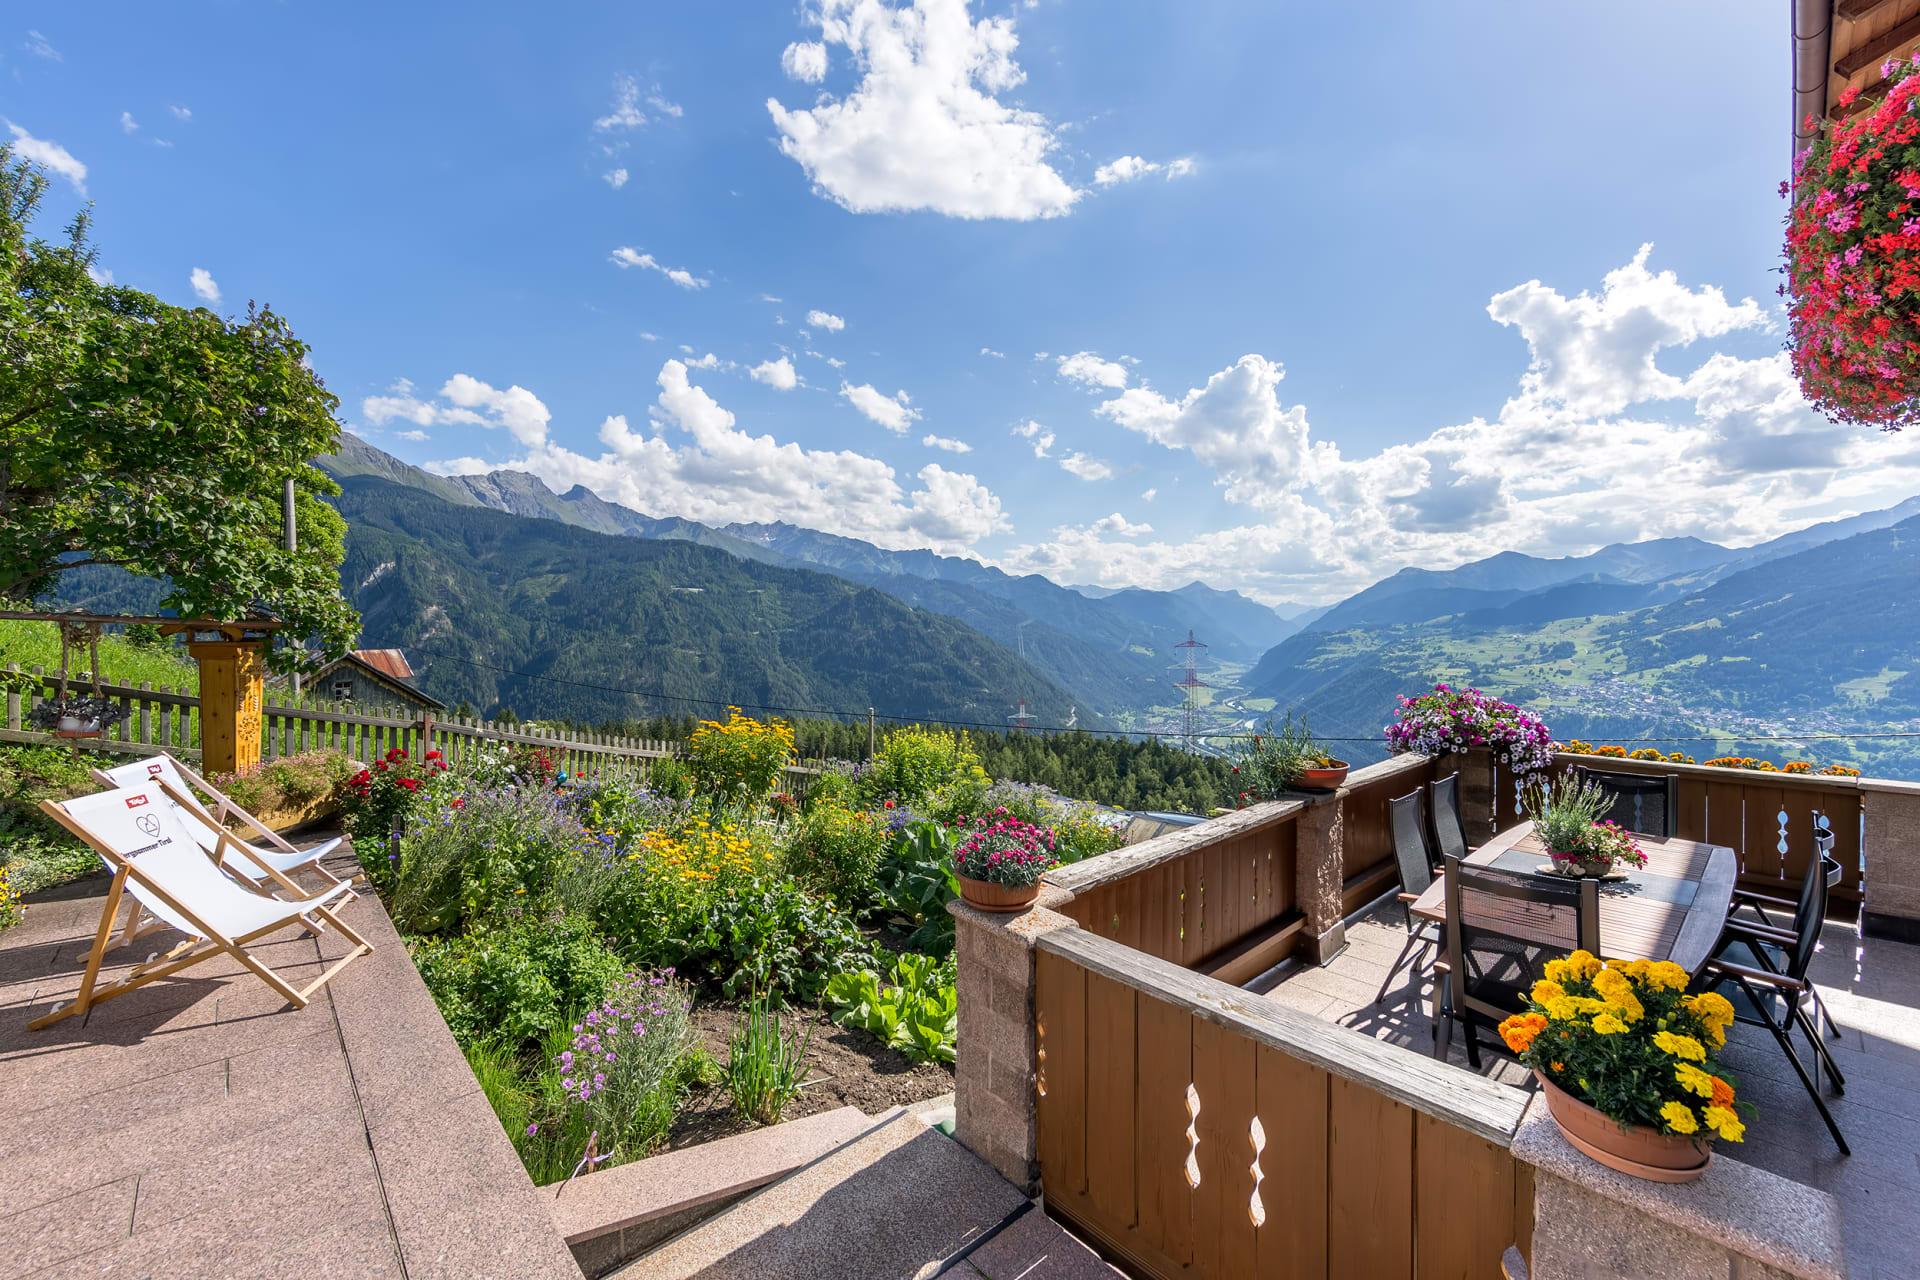 Biohof-Inntalblick, gerne dürfen Sie auf der Terrasse Platz nehmen